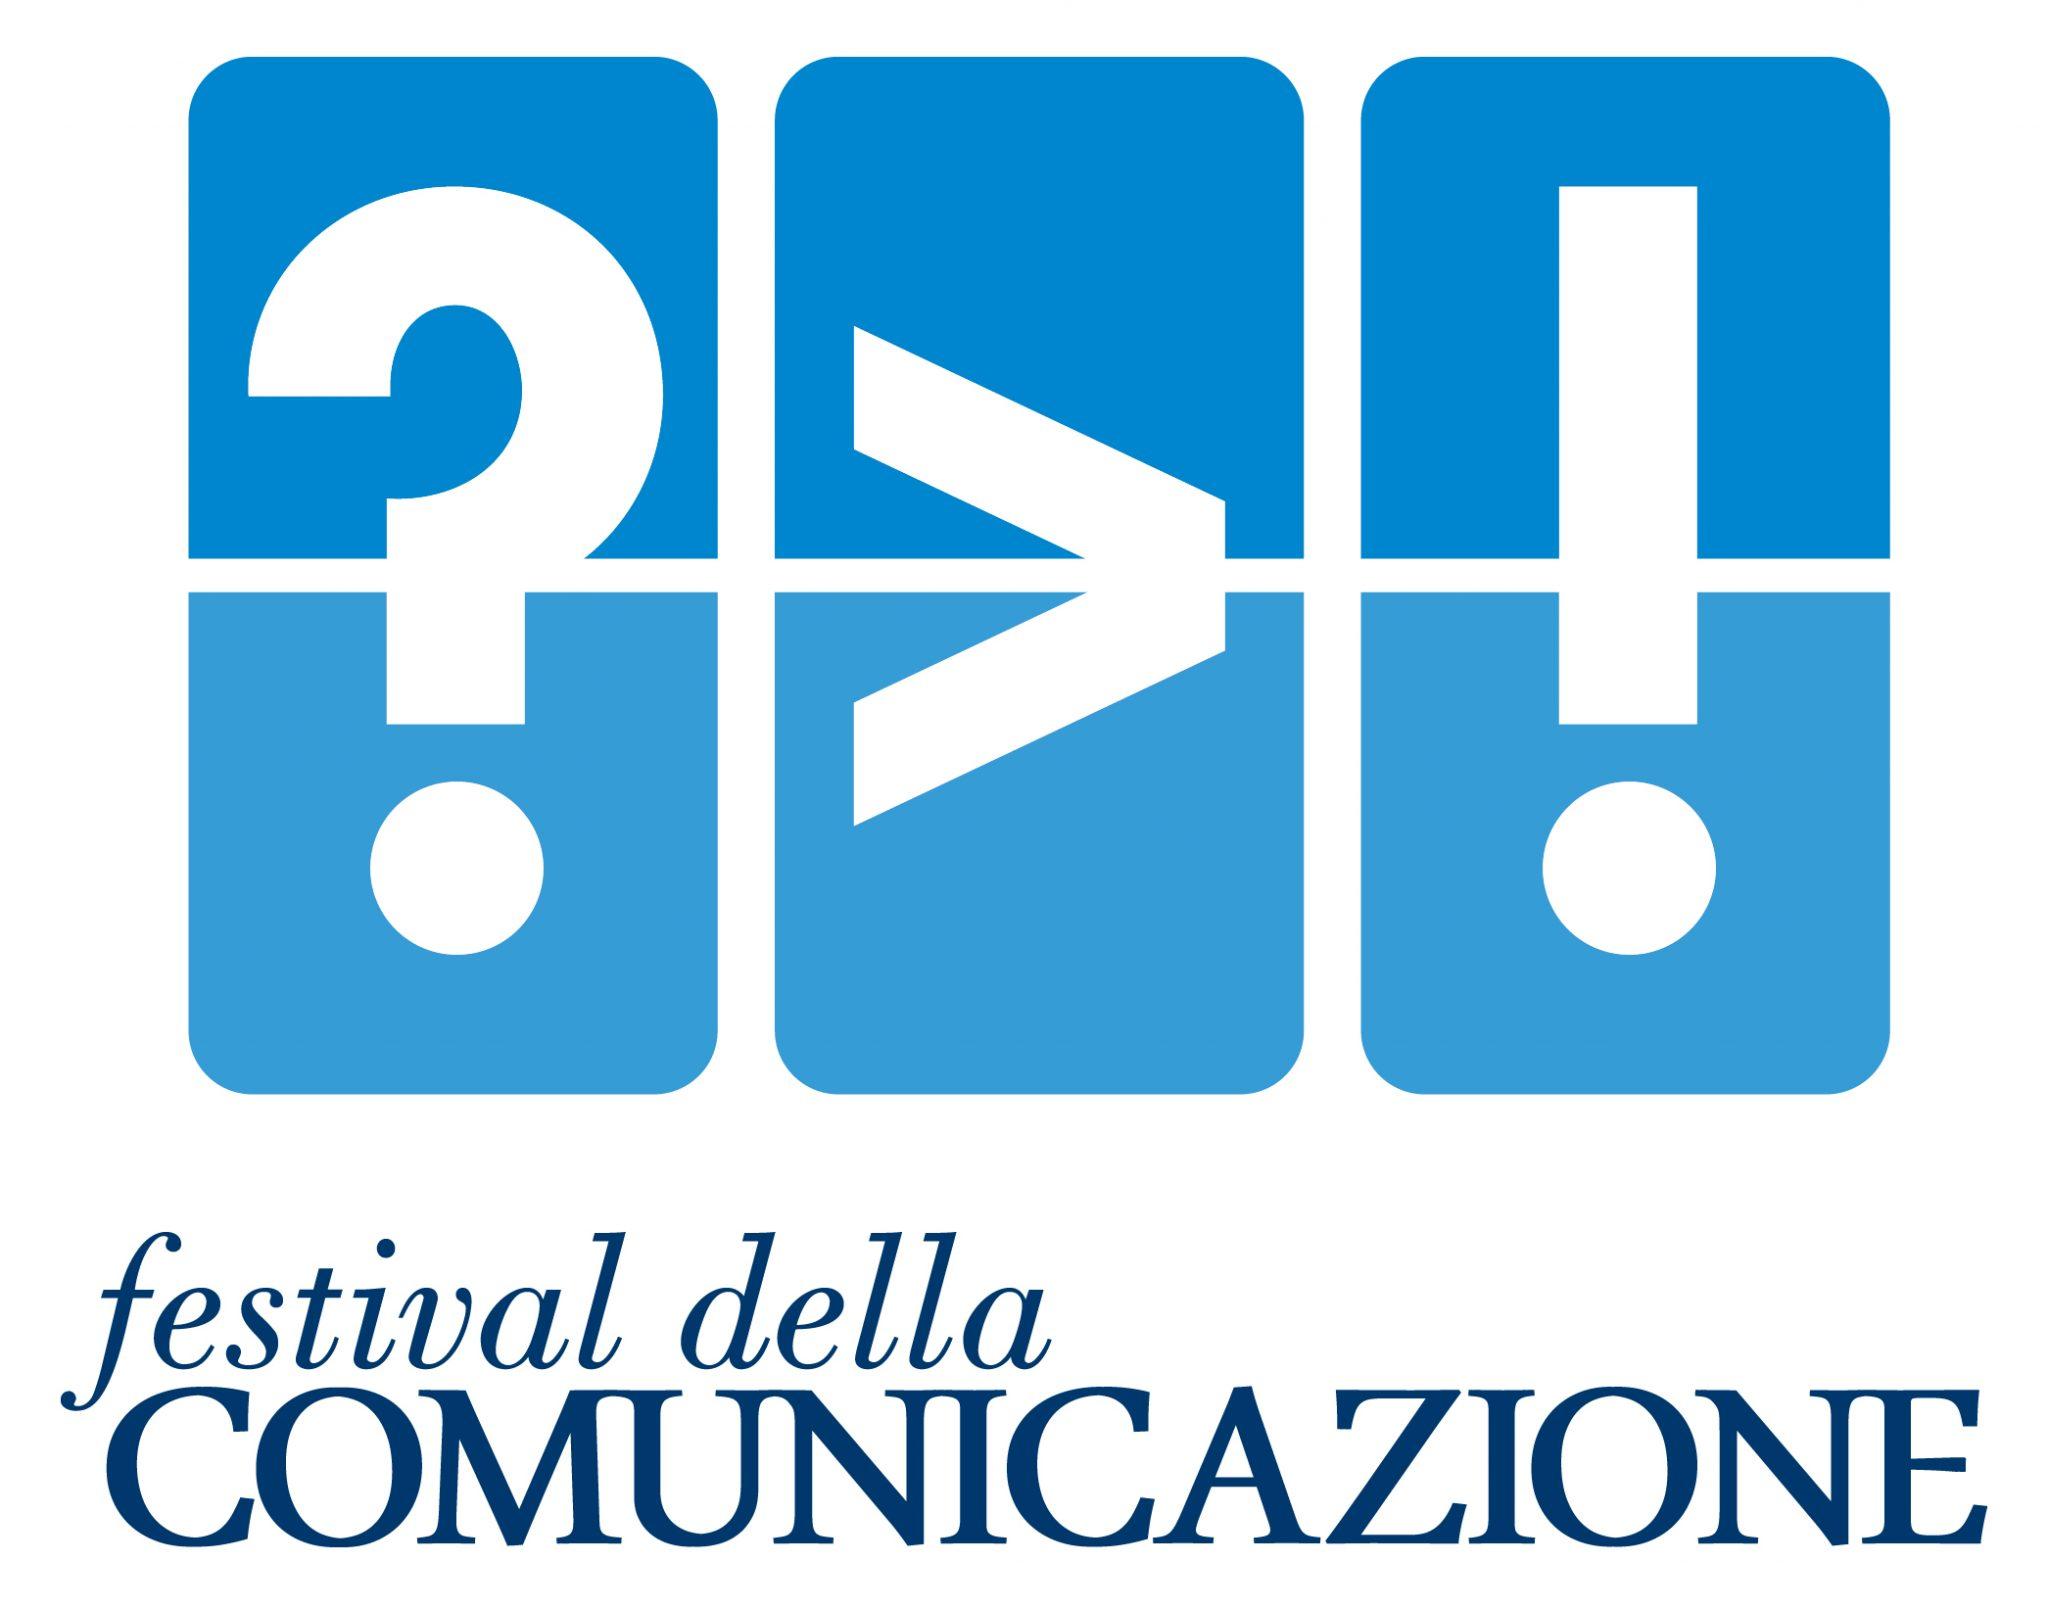 Festival della Comunicazione 2018